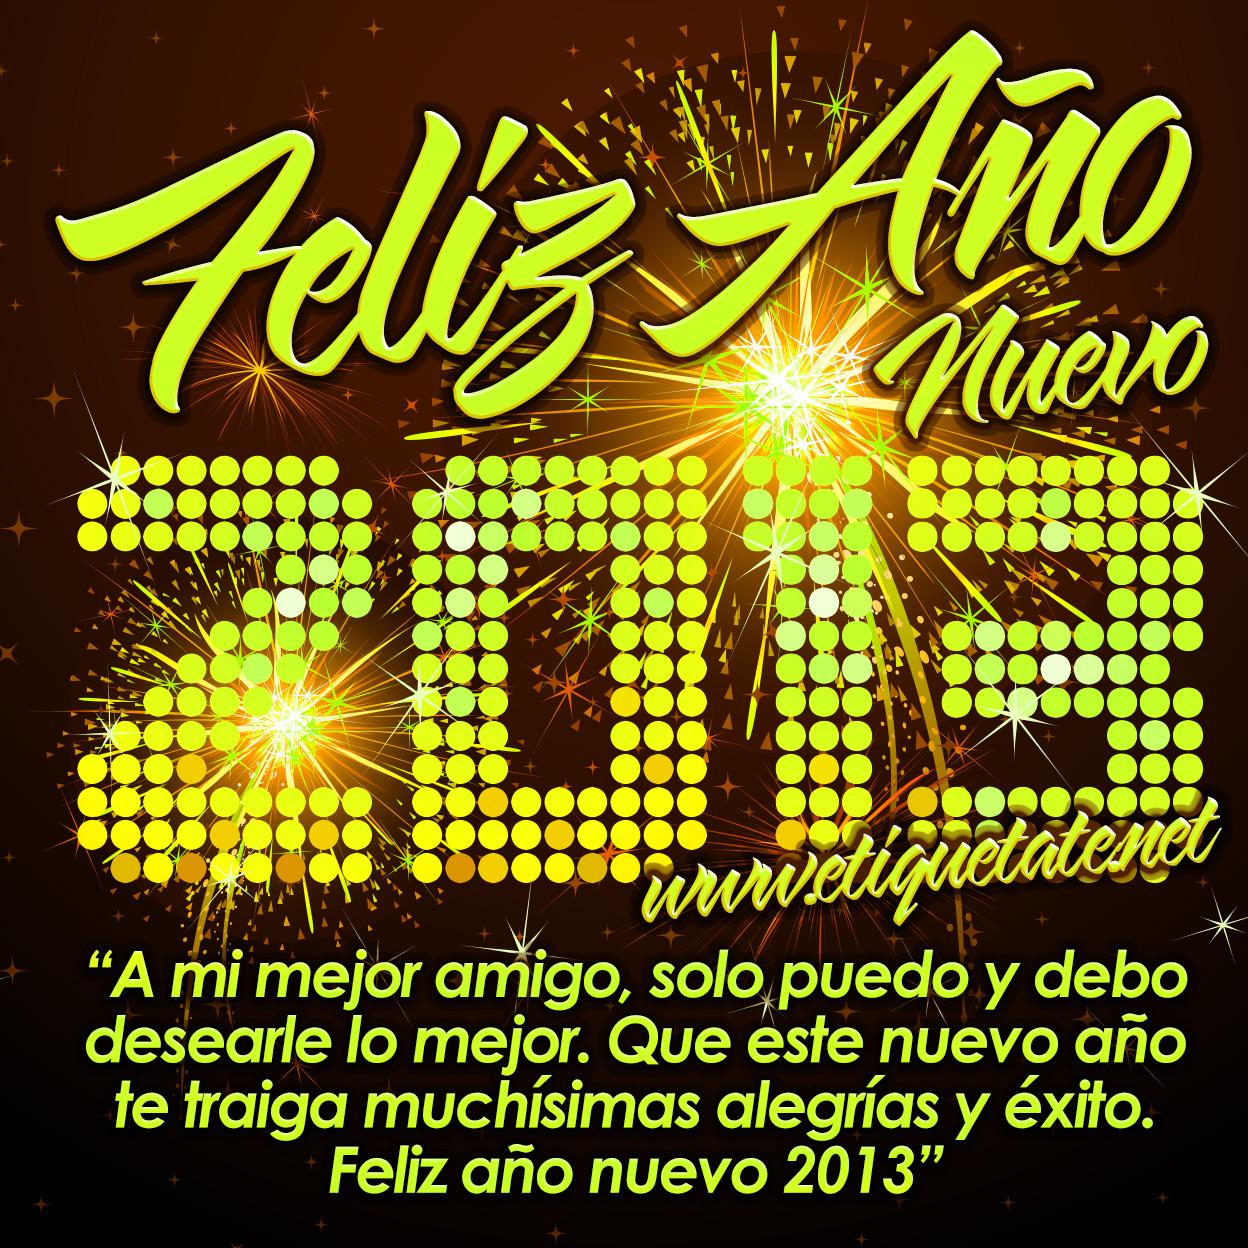 te traiga muchísimas alegrías y éxito. Feliz año nuevo 2013